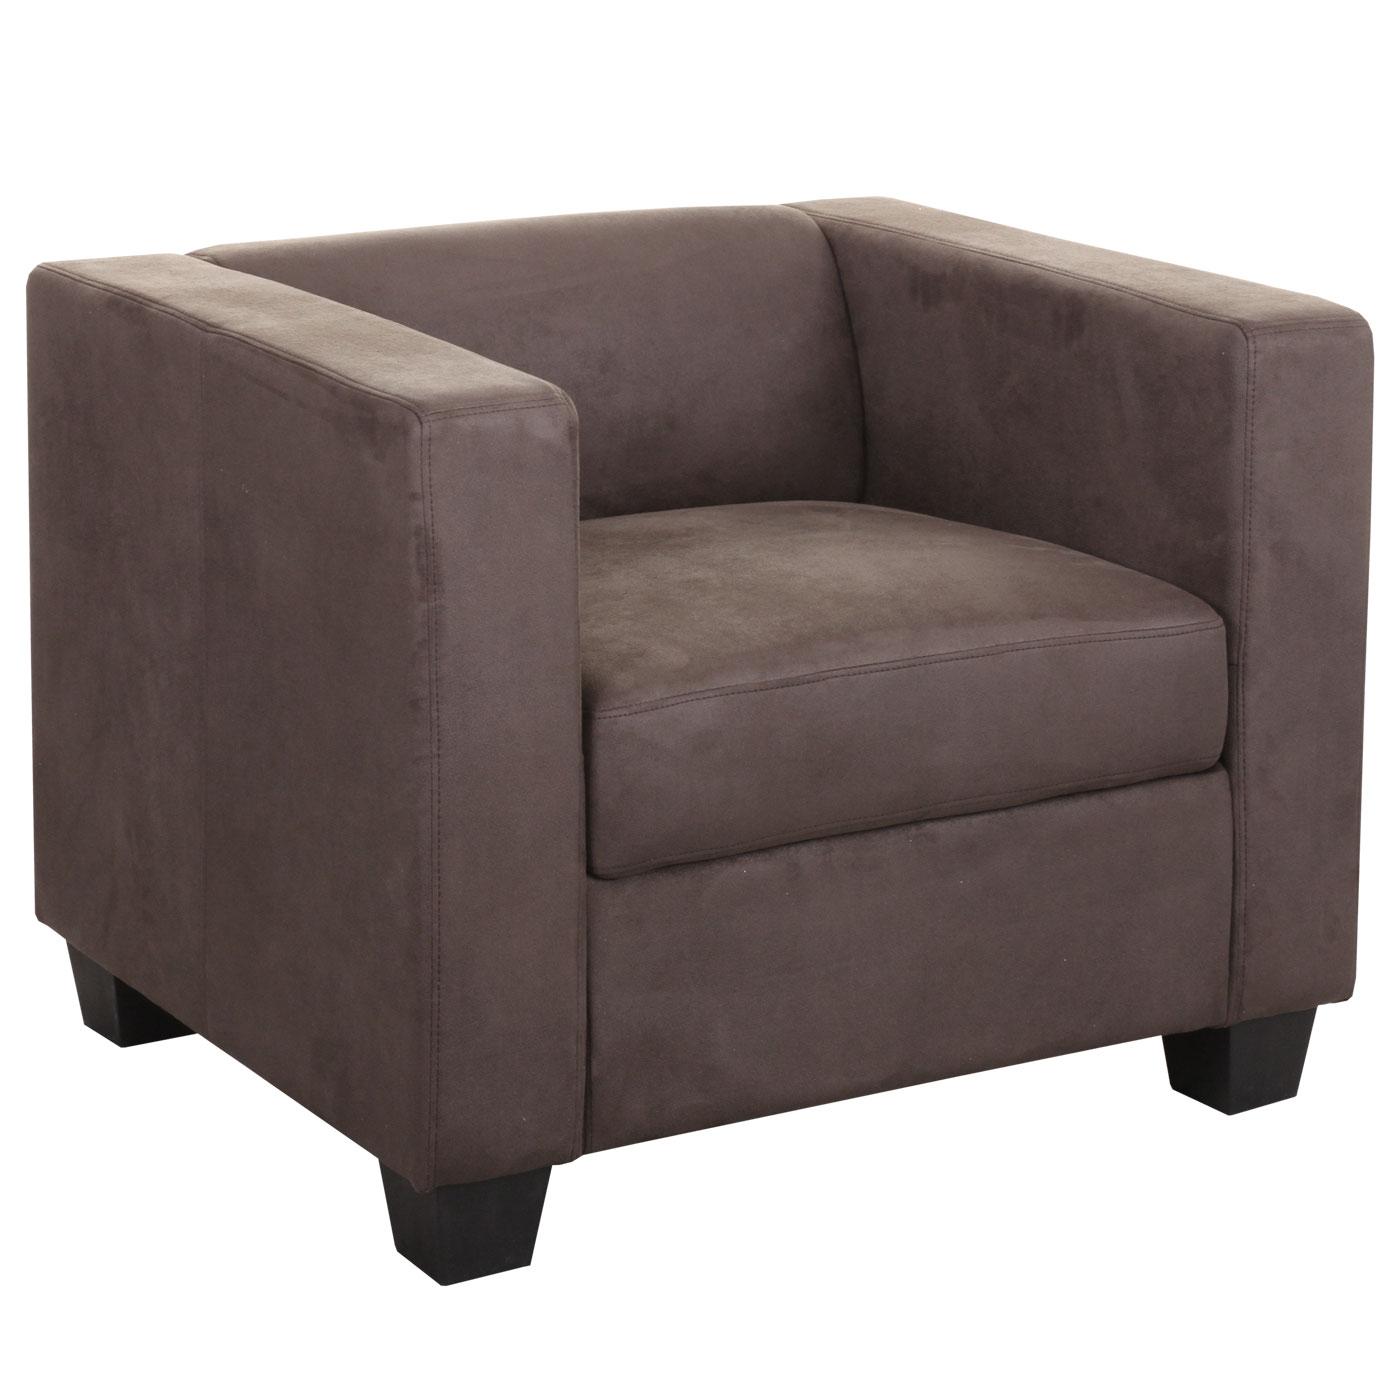 Wundervoll Lounge Sessel Leder Referenz Von